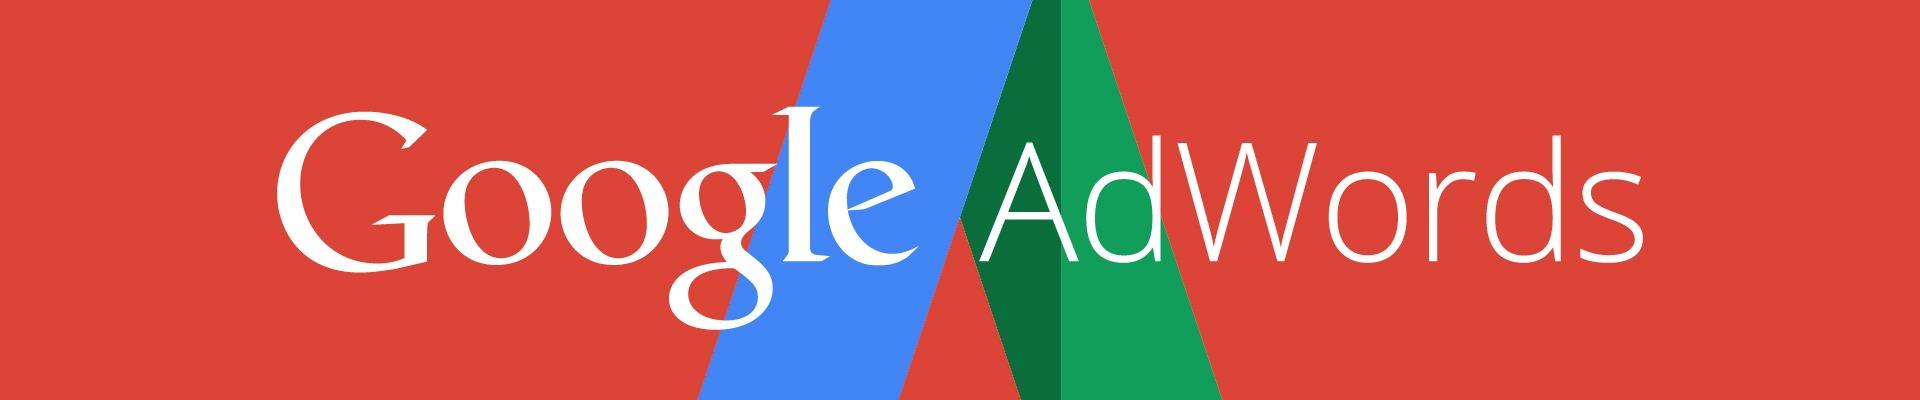 Google AdWords for flere nye kunder